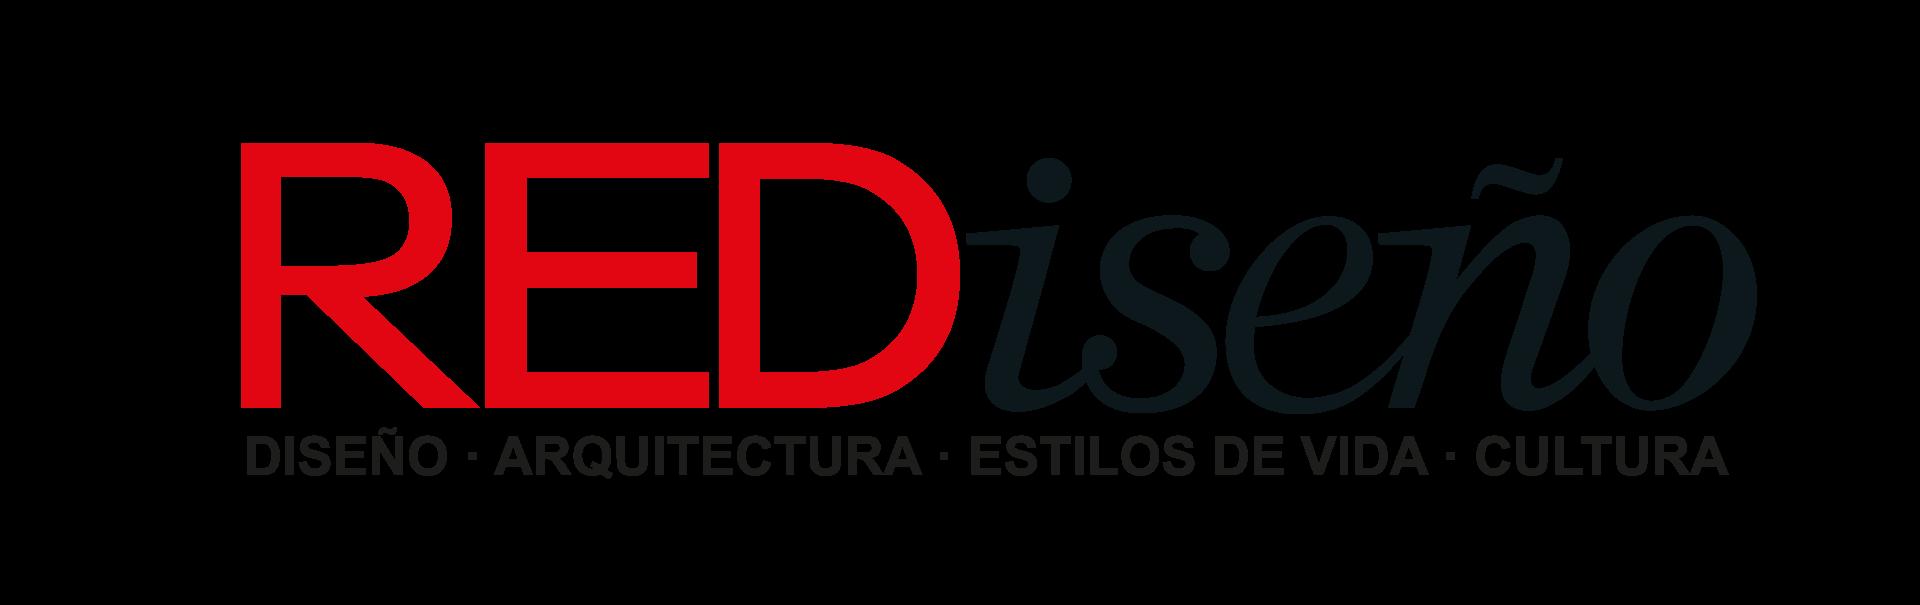 logo-rediseno1